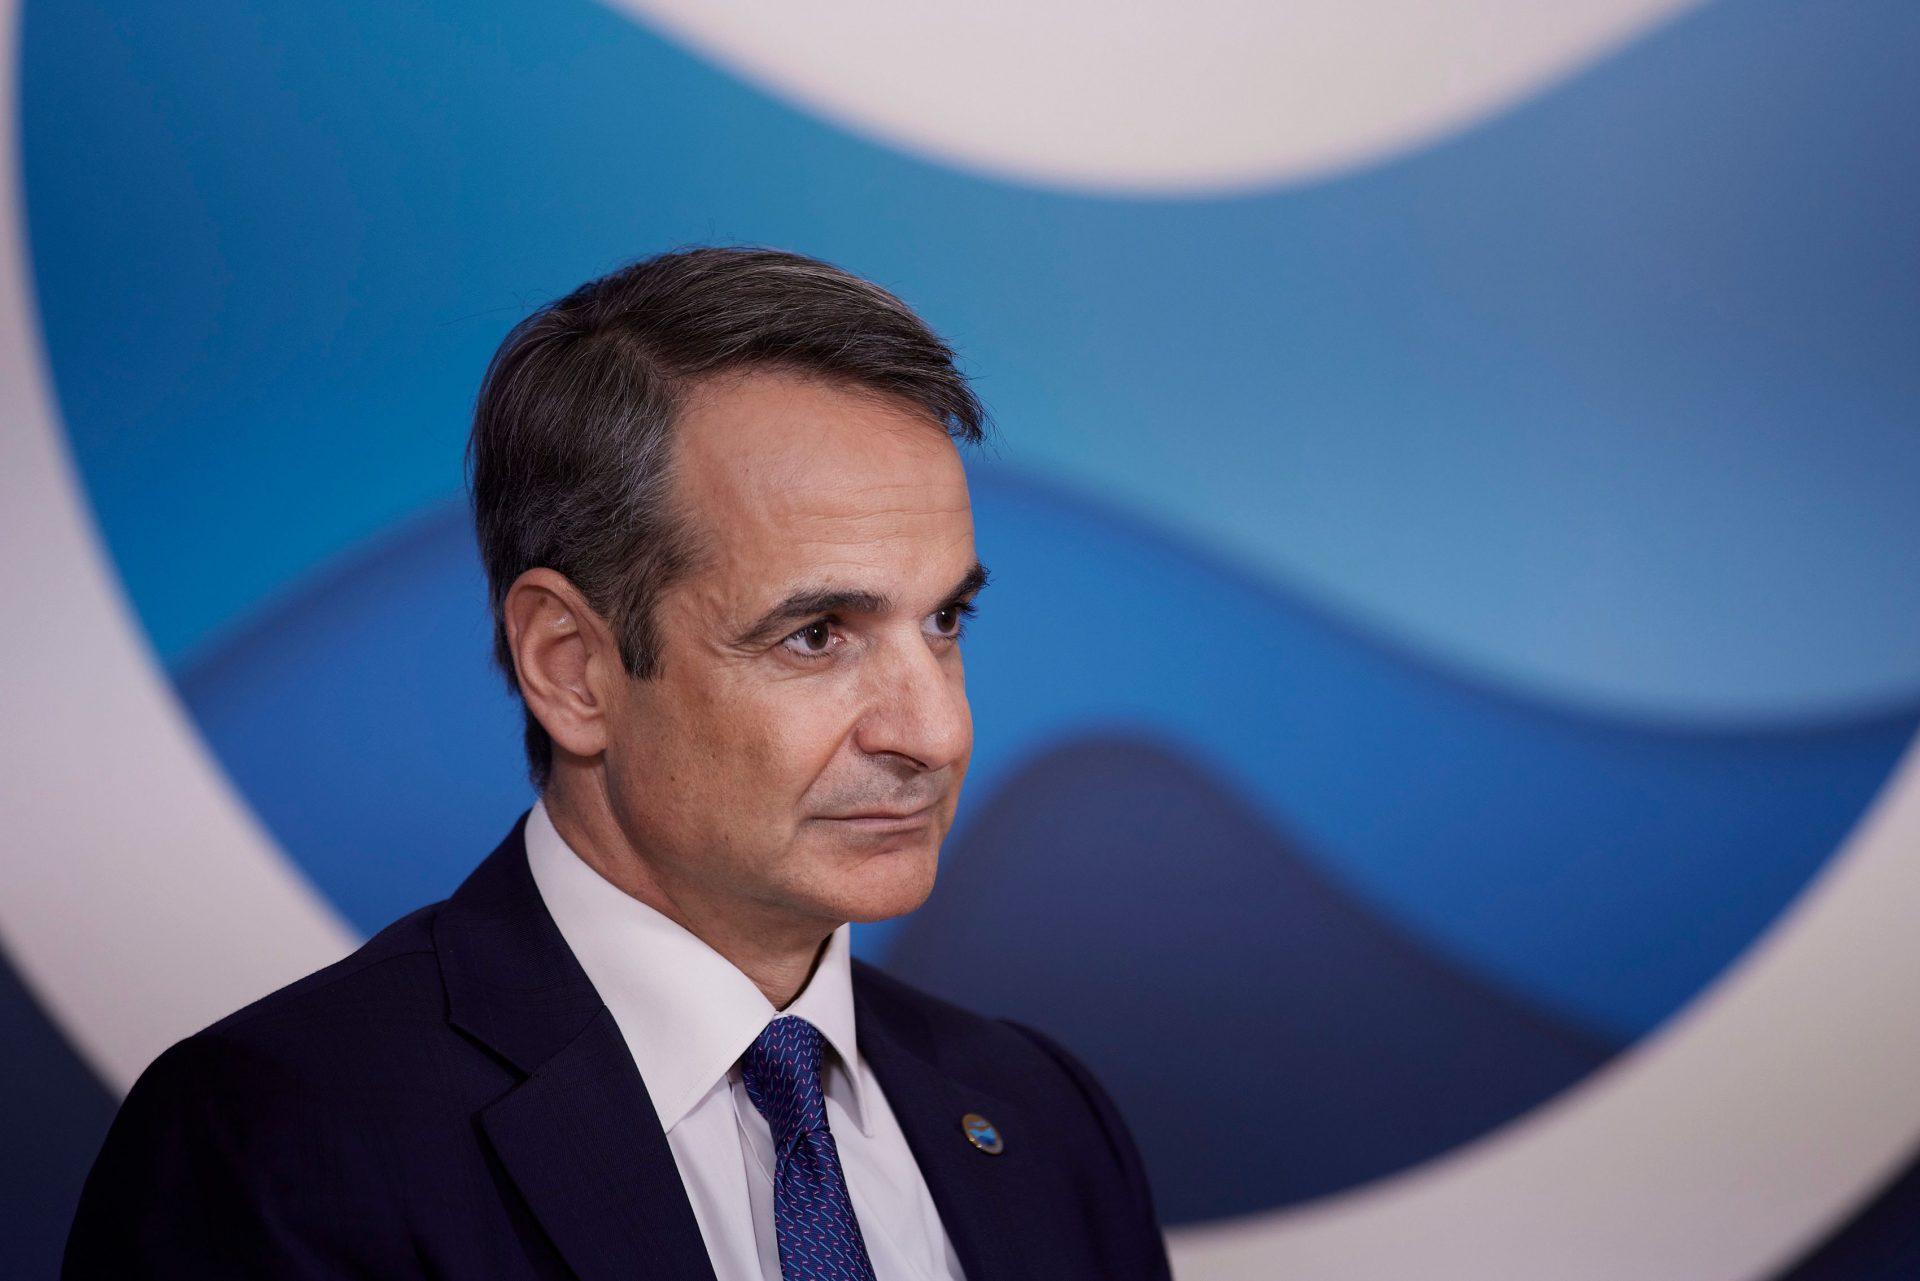 Στα εγκαίνια των εγκαταστάσεων του Κέντρου Ψηφιακής Καινοτομίας της Pfizer o πρωθυπουργός